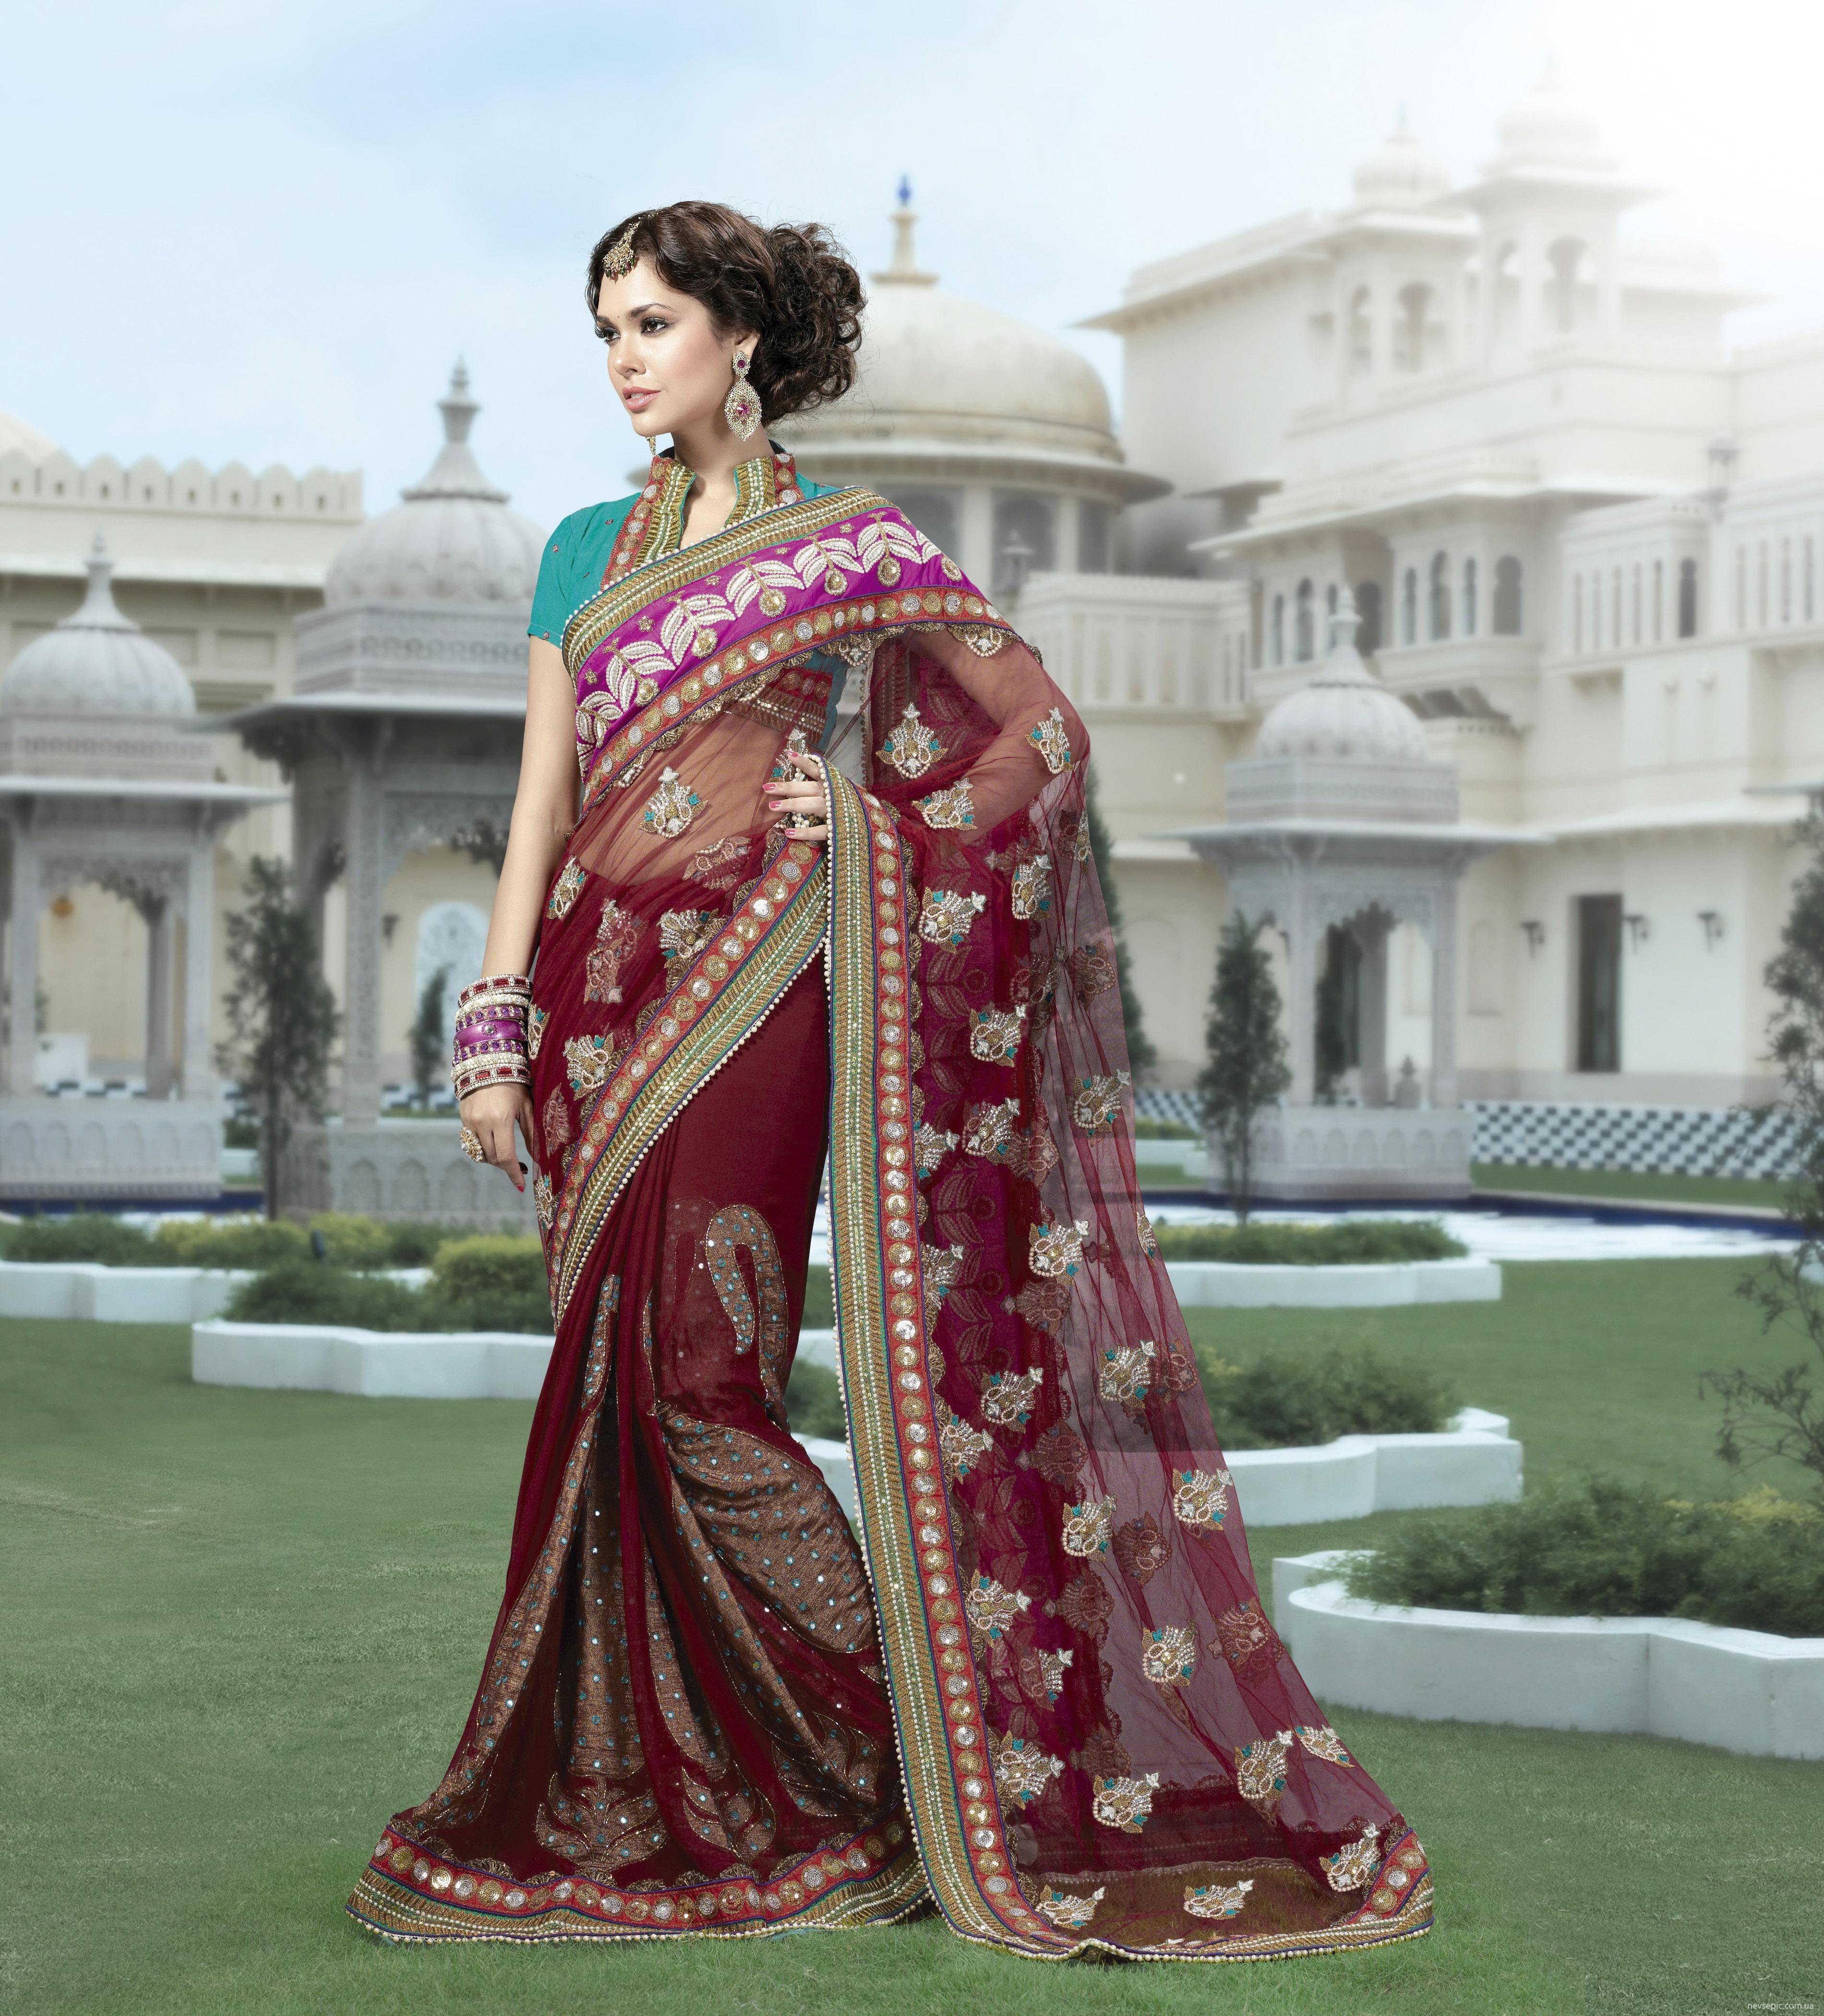 Одежда в индии в картинках